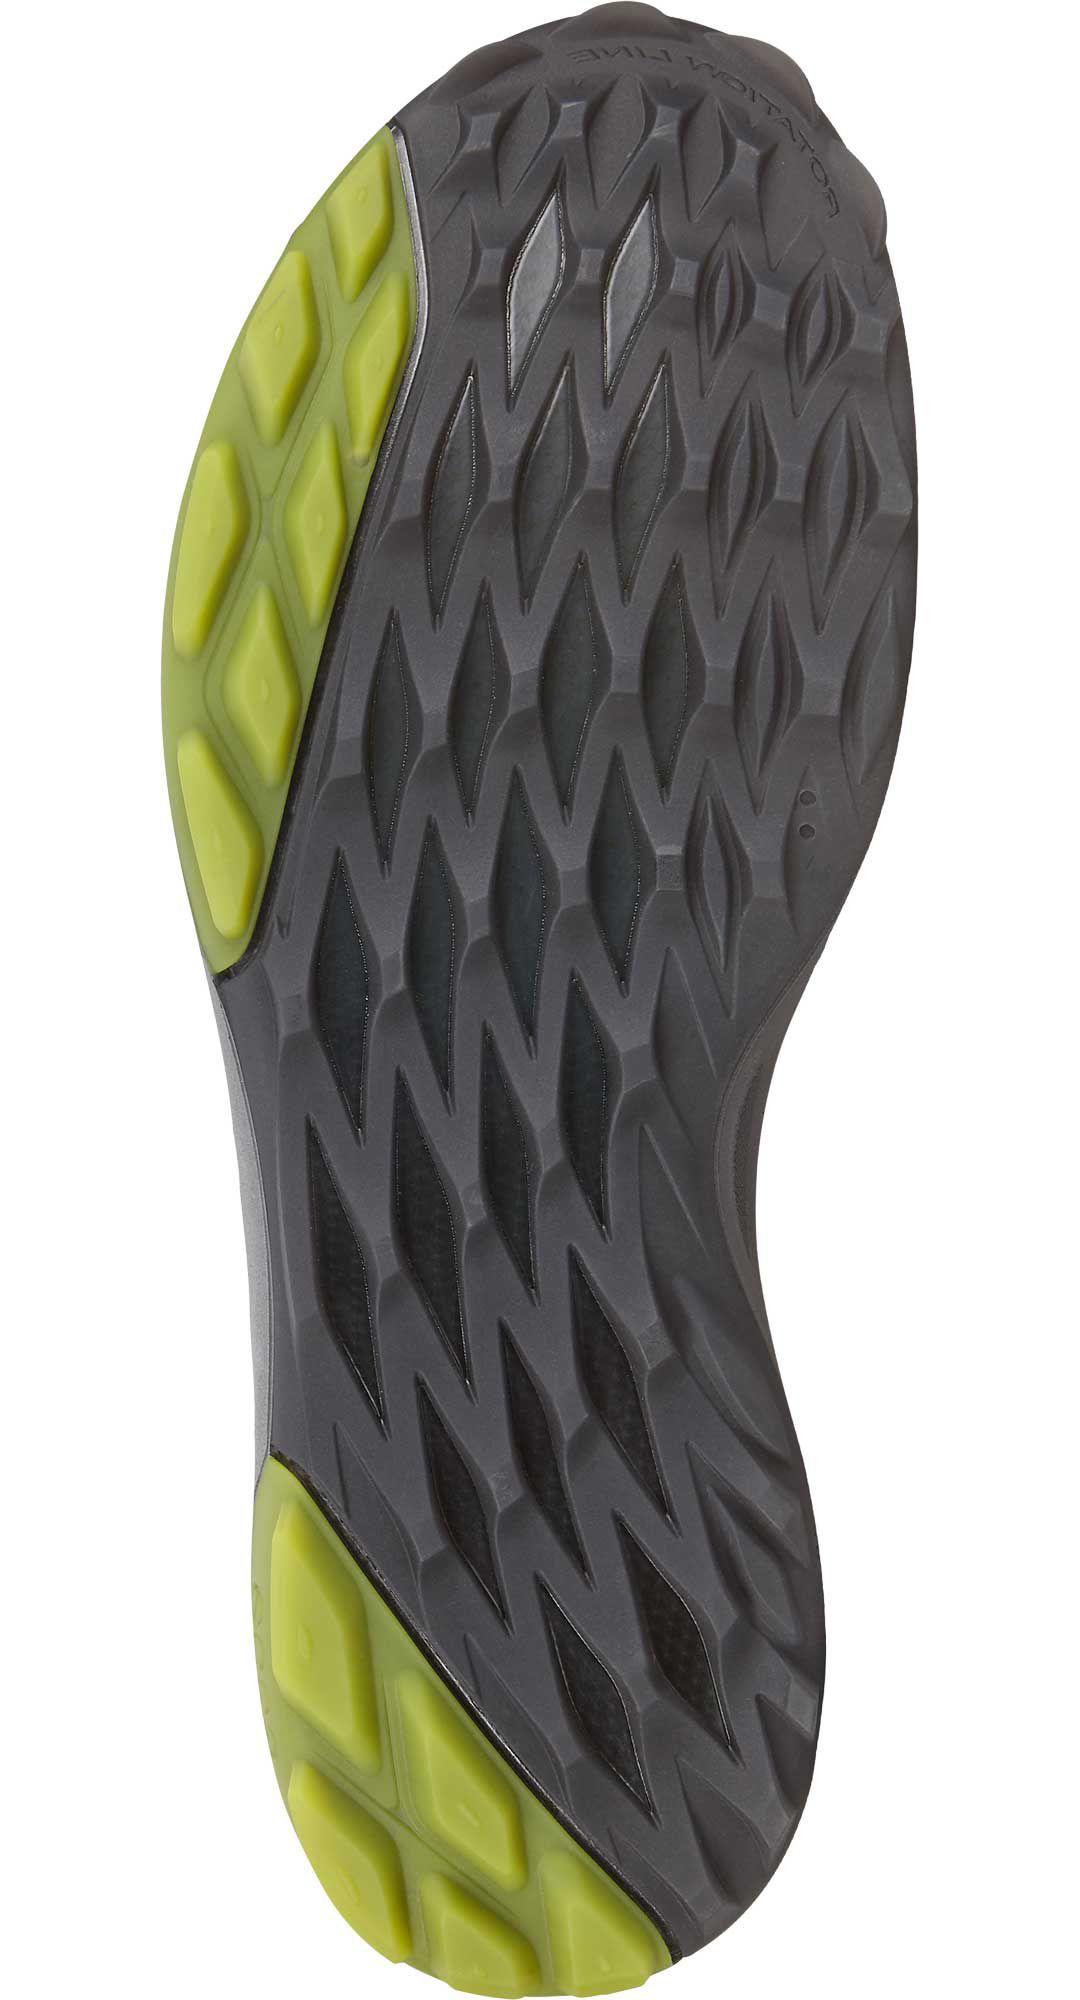 56b38015e9986 ECCO Men's BIOM Hybrid 3 BOA Golf Shoes. noImageFound. Previous. 1. 2. 3